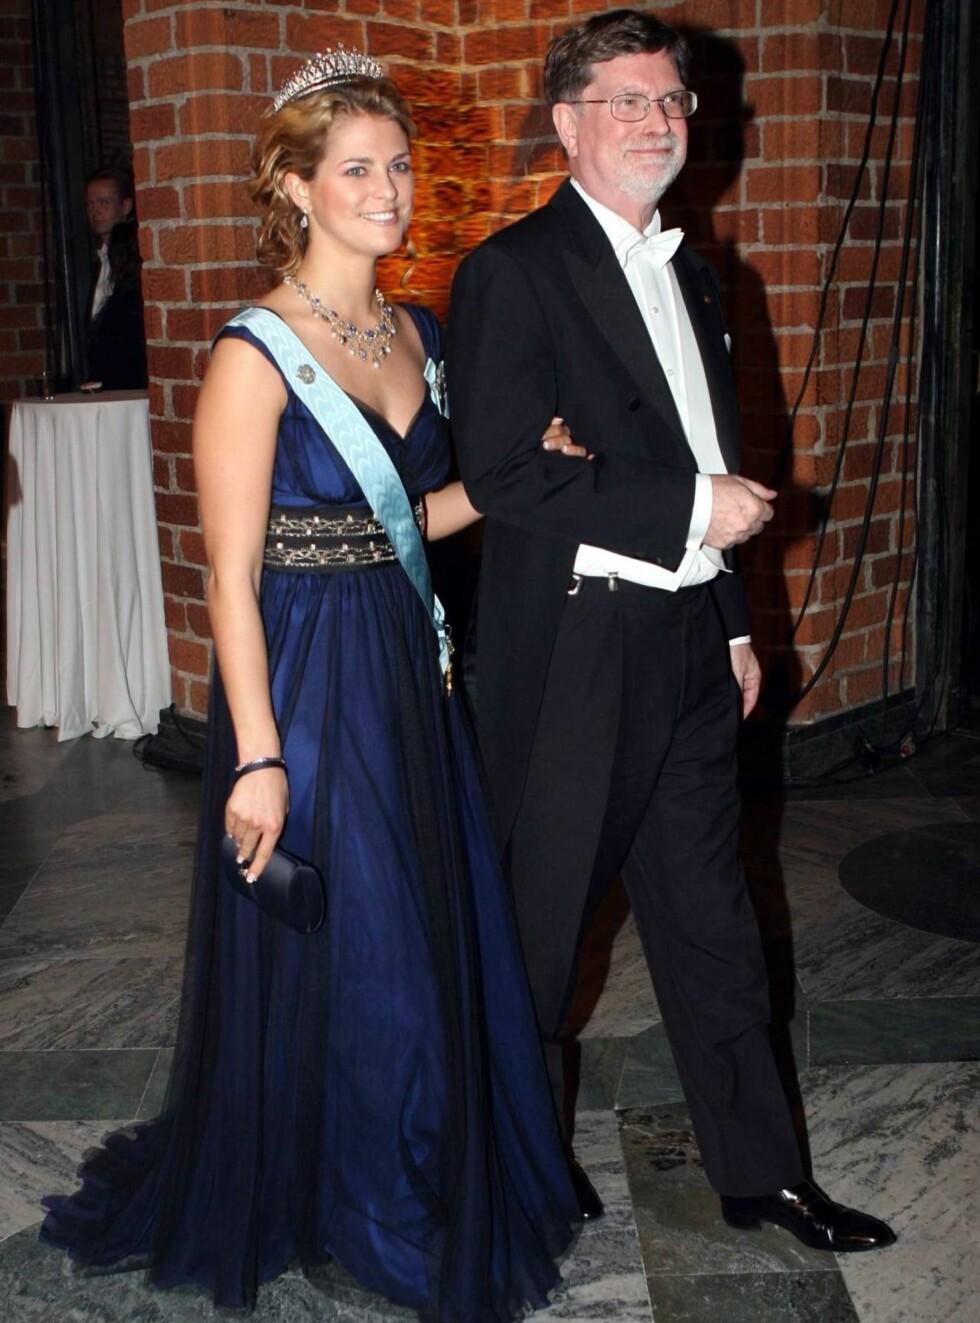 MÅTTE HJEM: Prinsesse Madeleine fikk ikke lov til å dra på fest. Her ankommer hun Nobelbanketten med vinneren av fysikkprisen, George F. Smoot. Foto: Stella Pictures